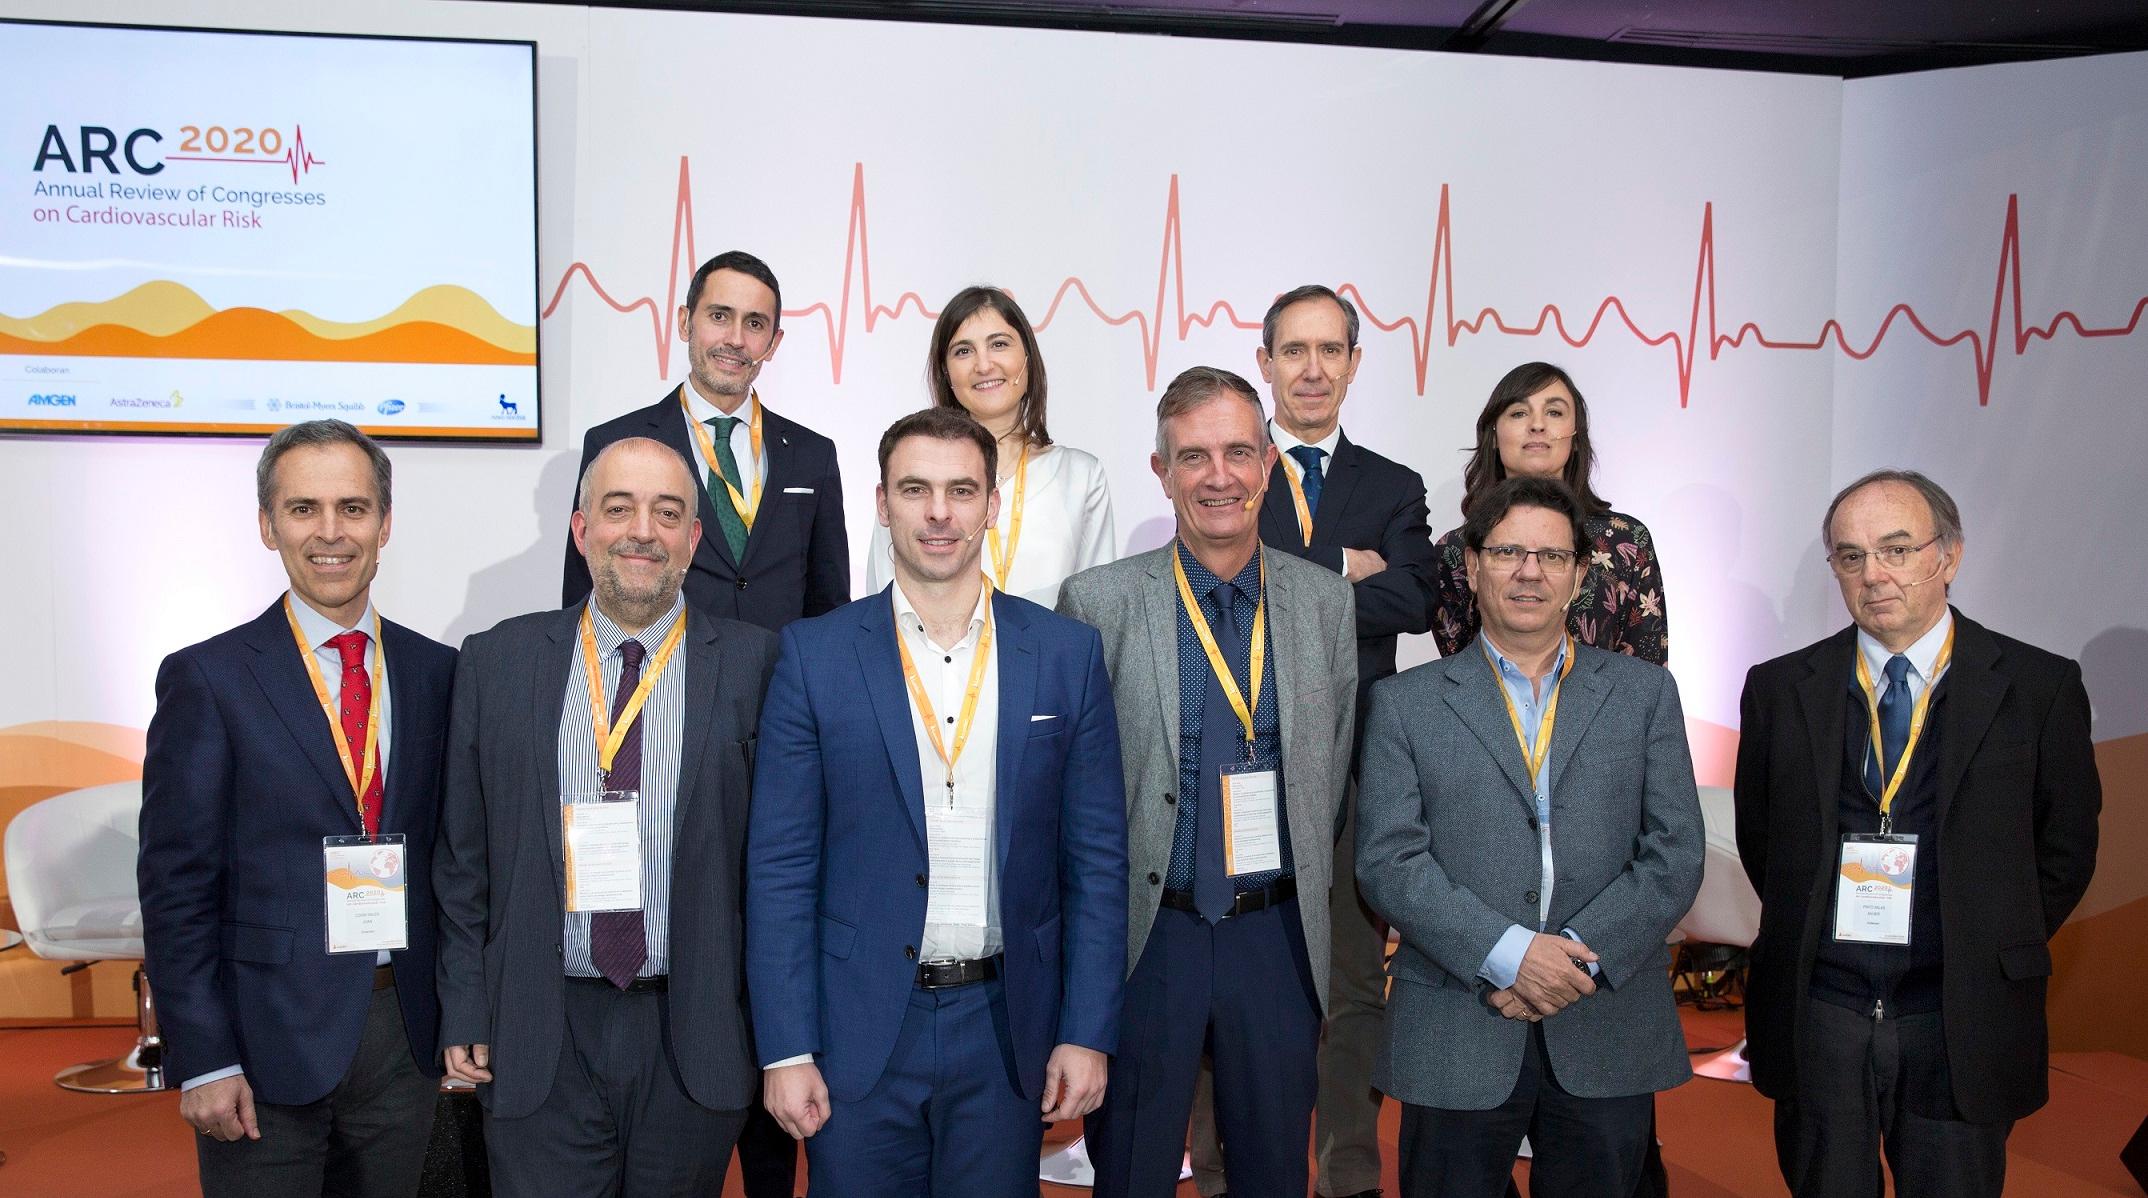 Comité Científico de la I Edición de la Revisión Anual de los Congresos de Riesgo Cardiovascular.